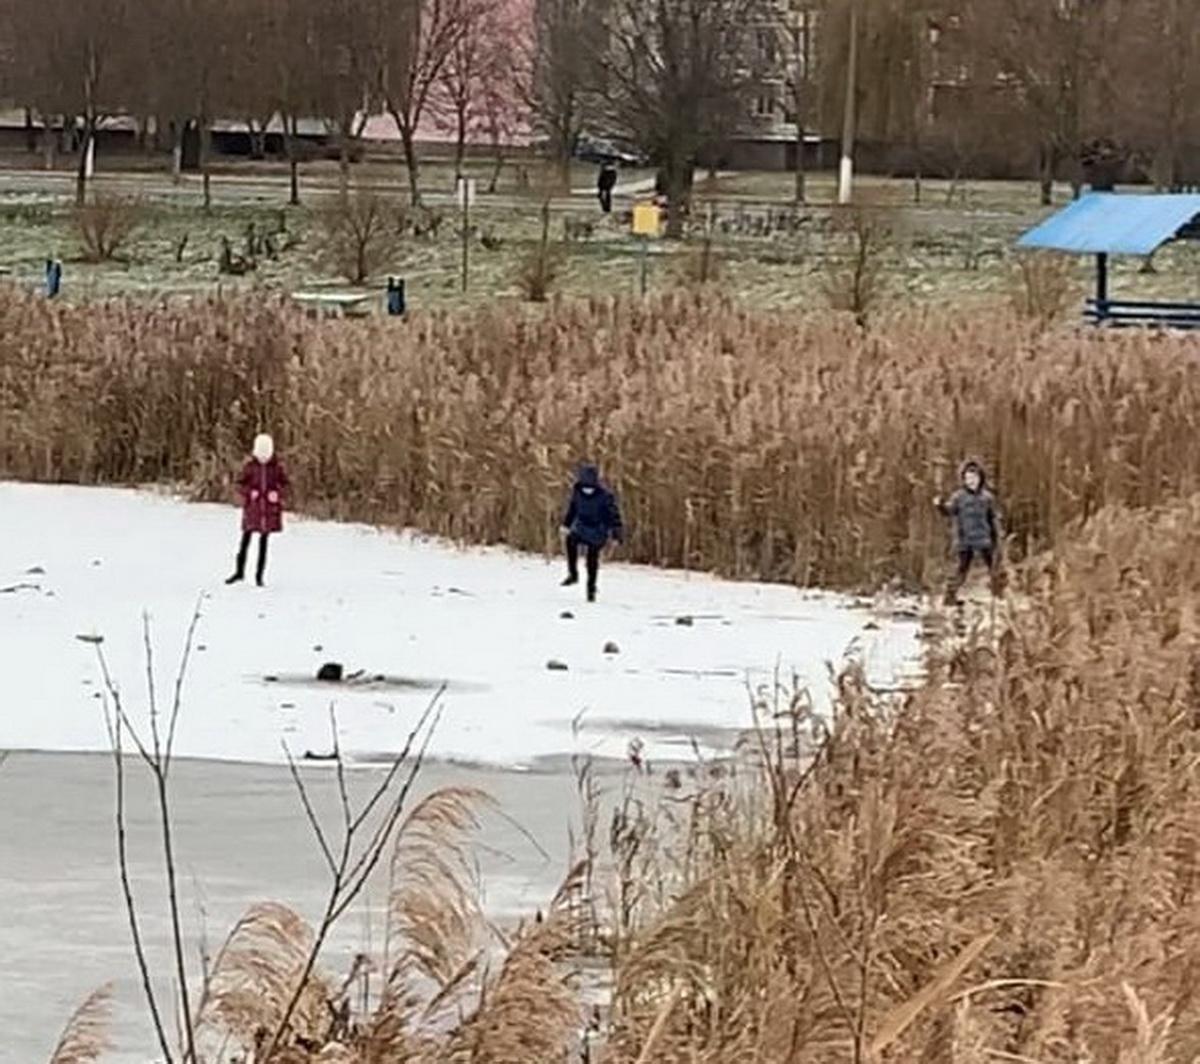 Прогулка по первому льду 1 декаб- ря чуть не закончилась для детей трагедией.  Фото: Егор ВАЩИЛКО